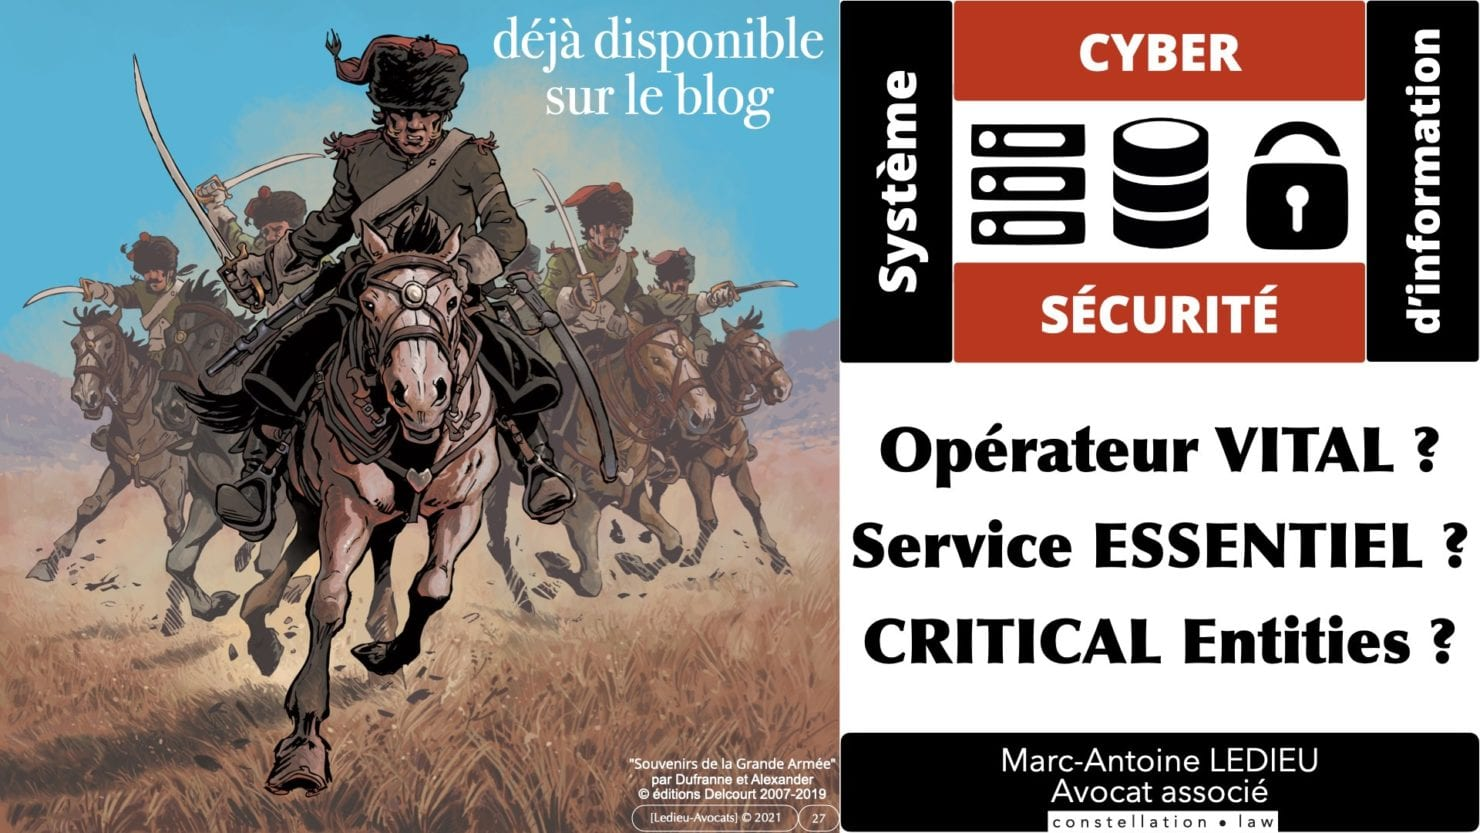 342 cyber sécurité #2 OIV OSE analyse risque EBIOS RM © Ledieu-avocat 15-07-2021.027